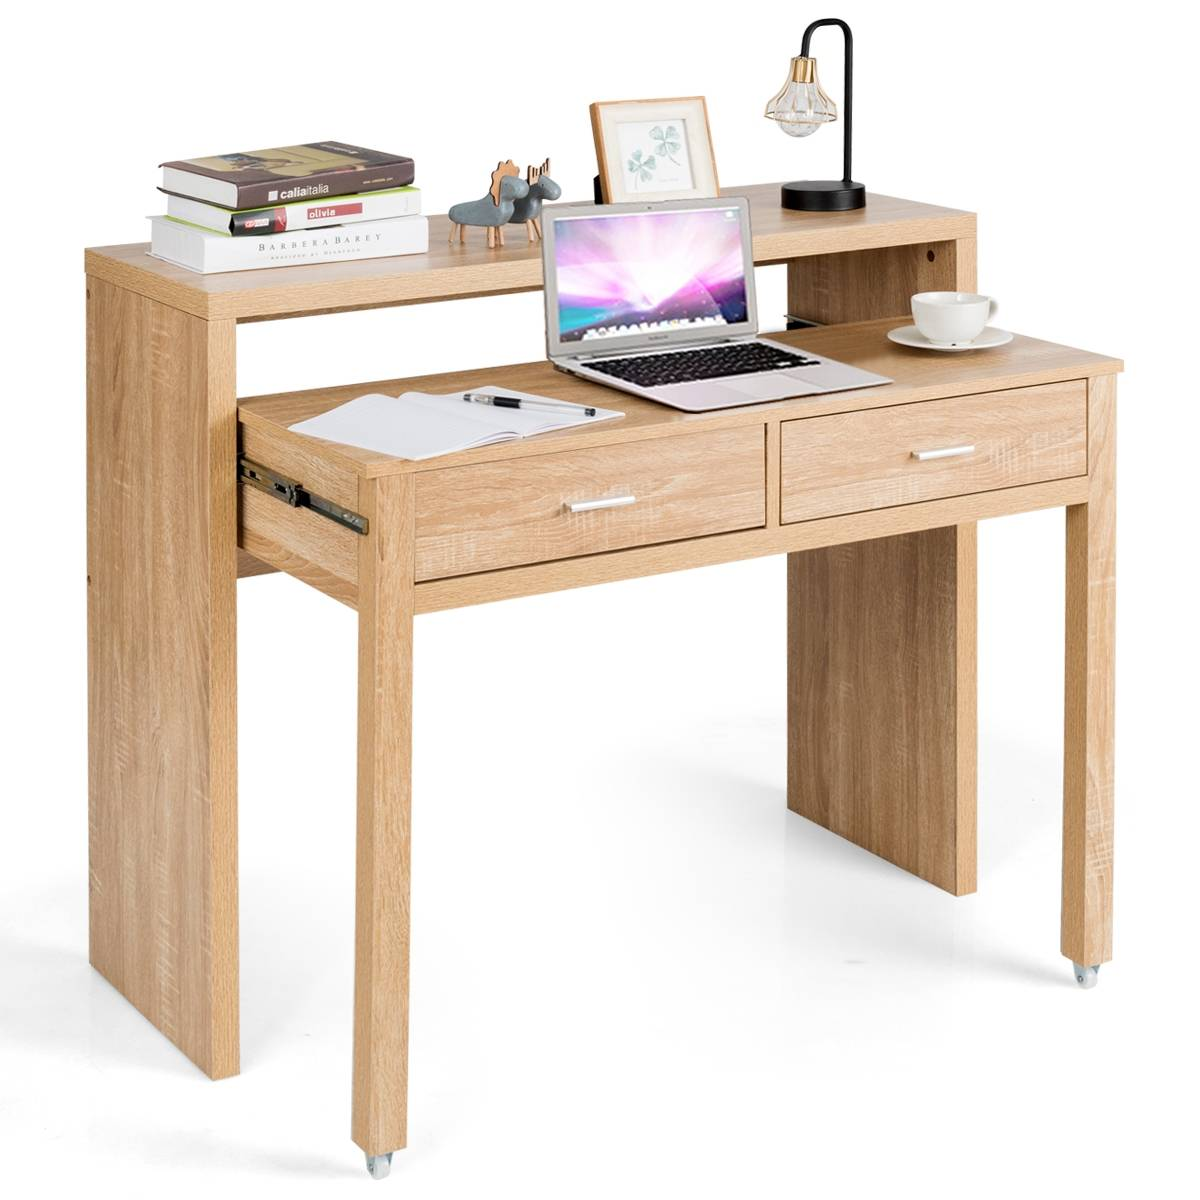 Costway Escritorio Extensible con 2 Cajones Mesa para Ordenador Mesa Consola de Madera para Trabajo Estudio Casa Oficina